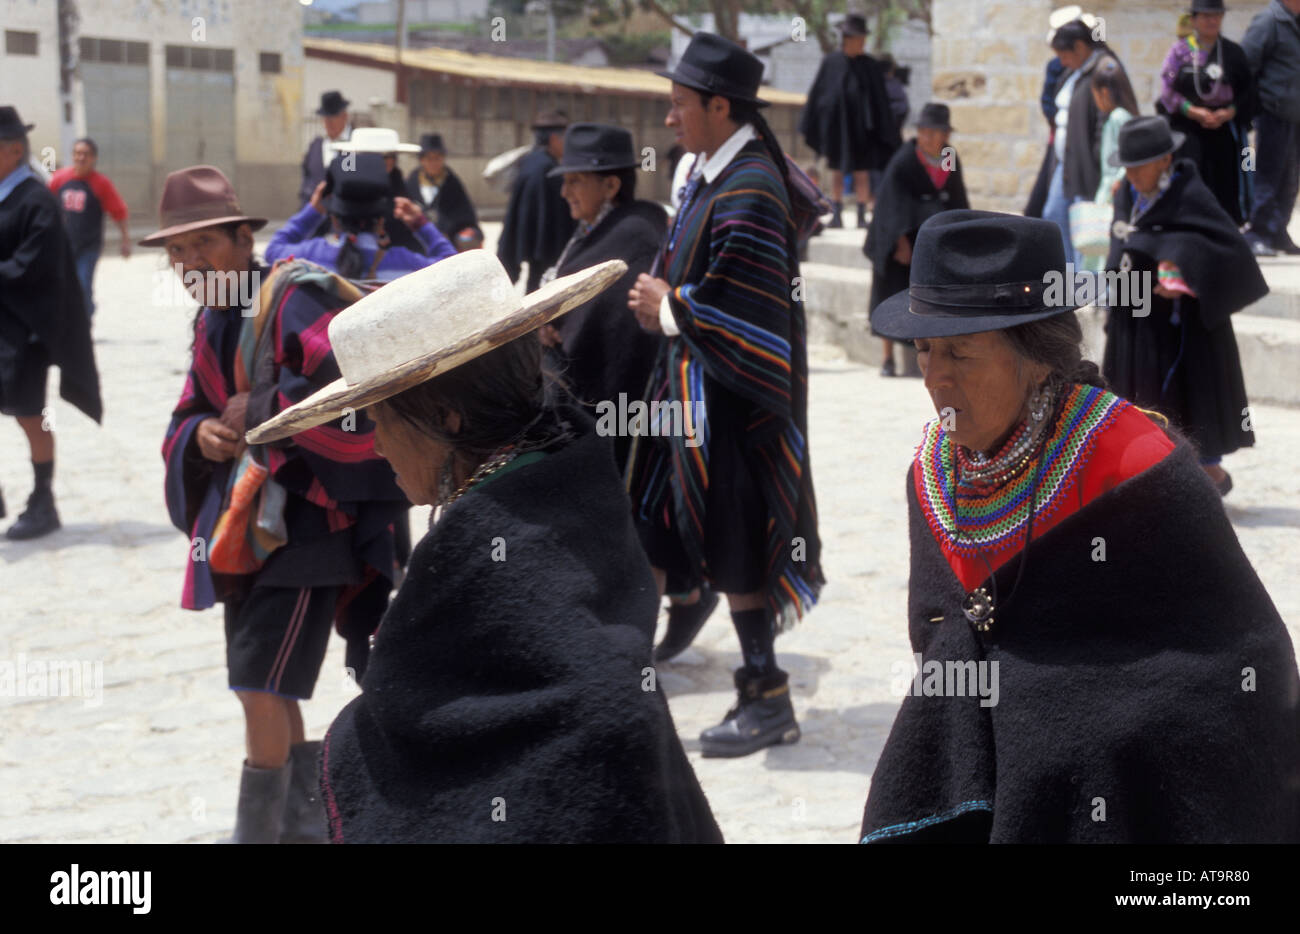 Saraguro People Imágenes De Stock & Saraguro People Fotos De